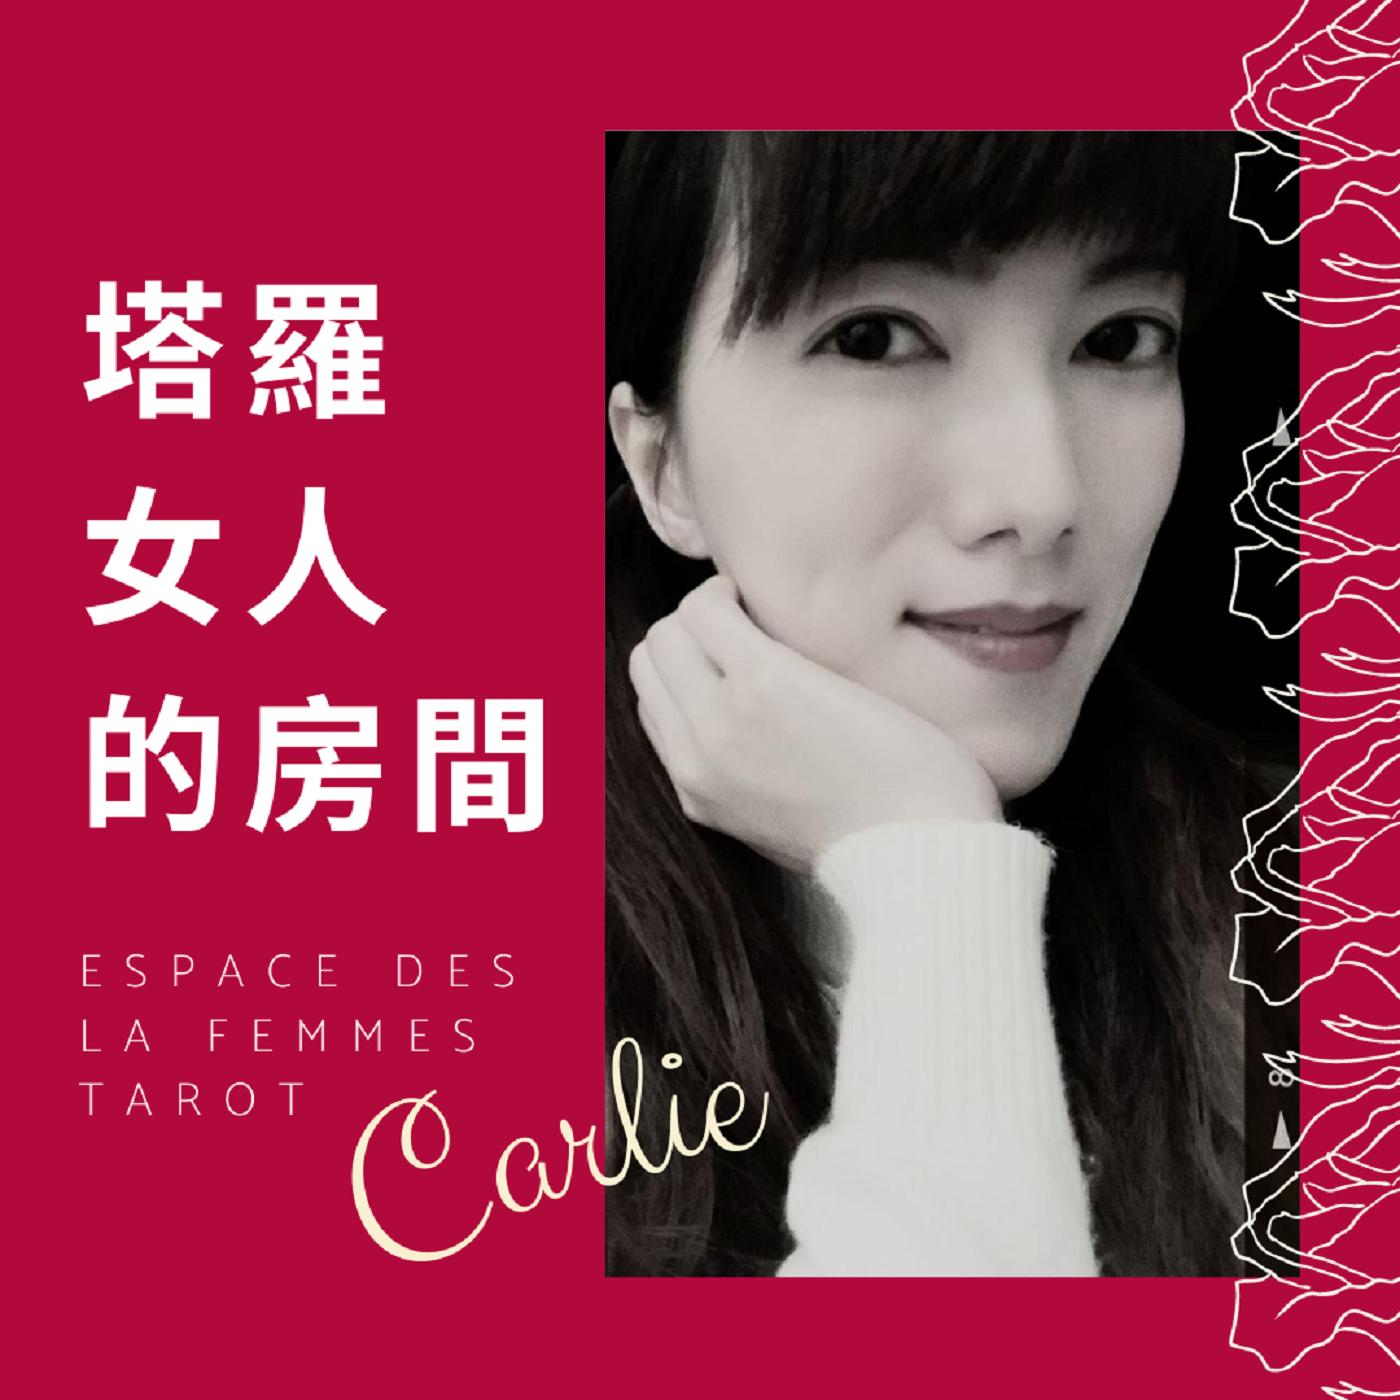 香港Podcast塔羅女人的房間Carlie塔羅占卜師心靈前世治療師Hong Kong tarot past-life